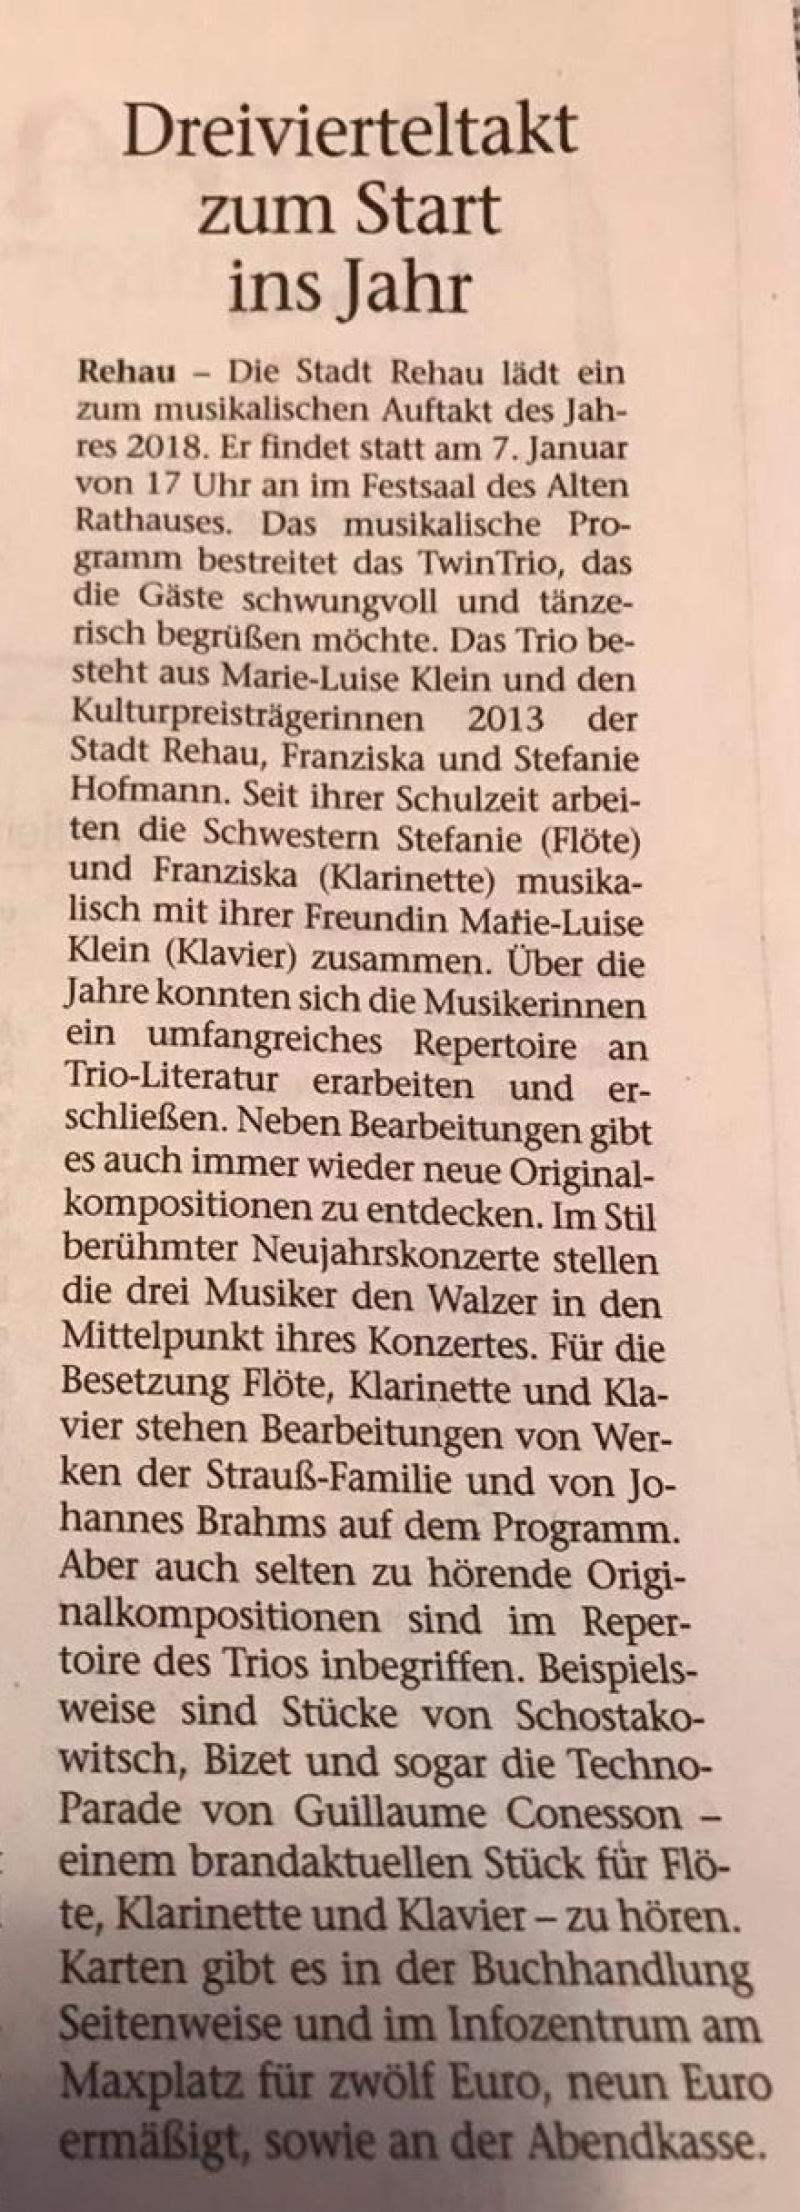 TwinTRIO 2018,Stefanie Hofmann (Flöte), Franziska  Hofmann (Klarinette), Marie -Luise Klewer (Klavier)